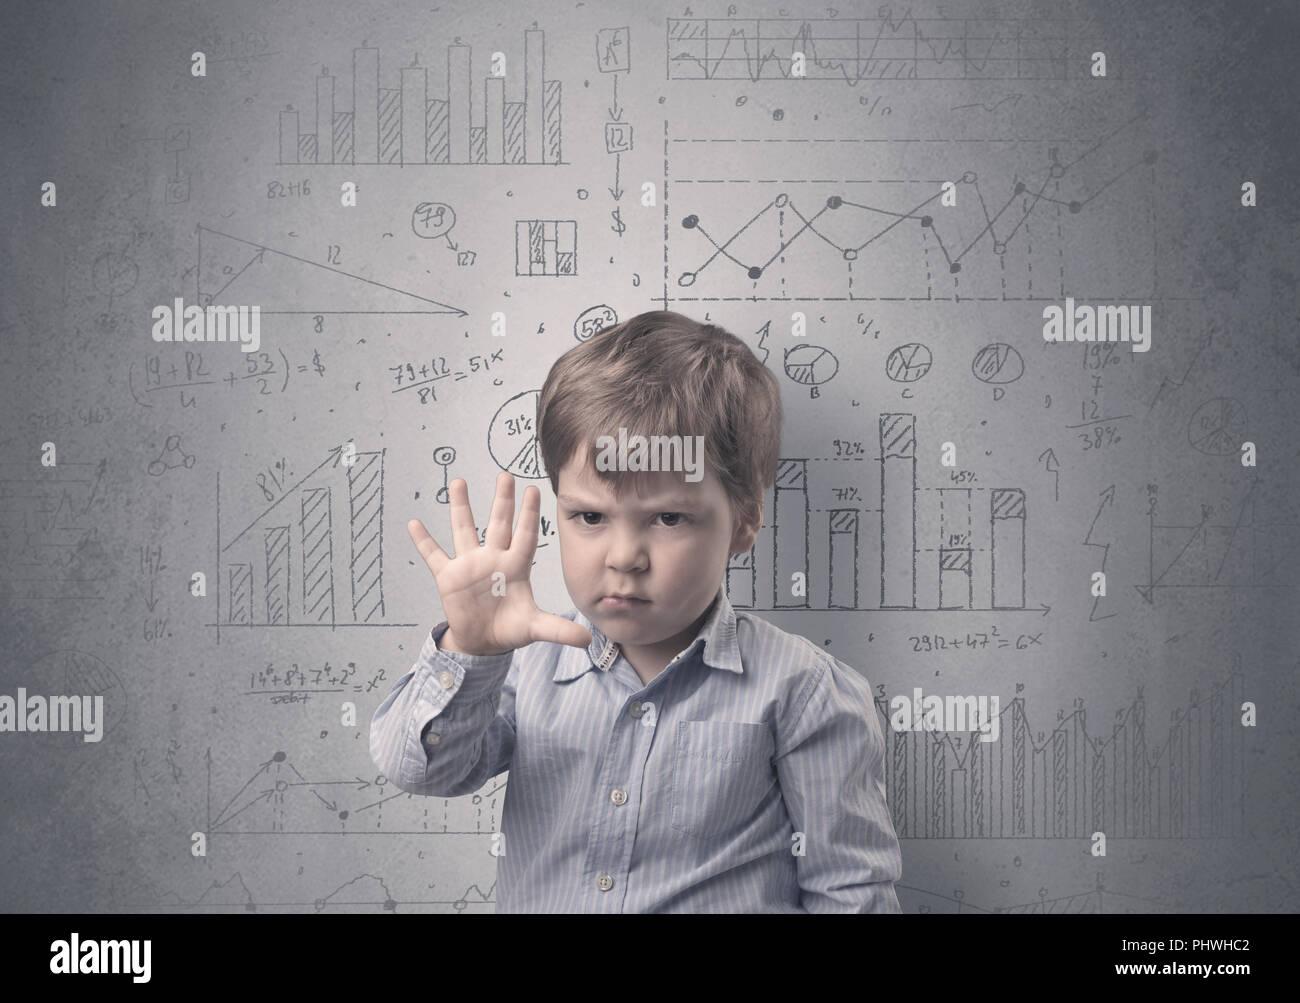 Petit garçon en face d'un mur gris avec des graphiques et statistiques autour de Photo Stock